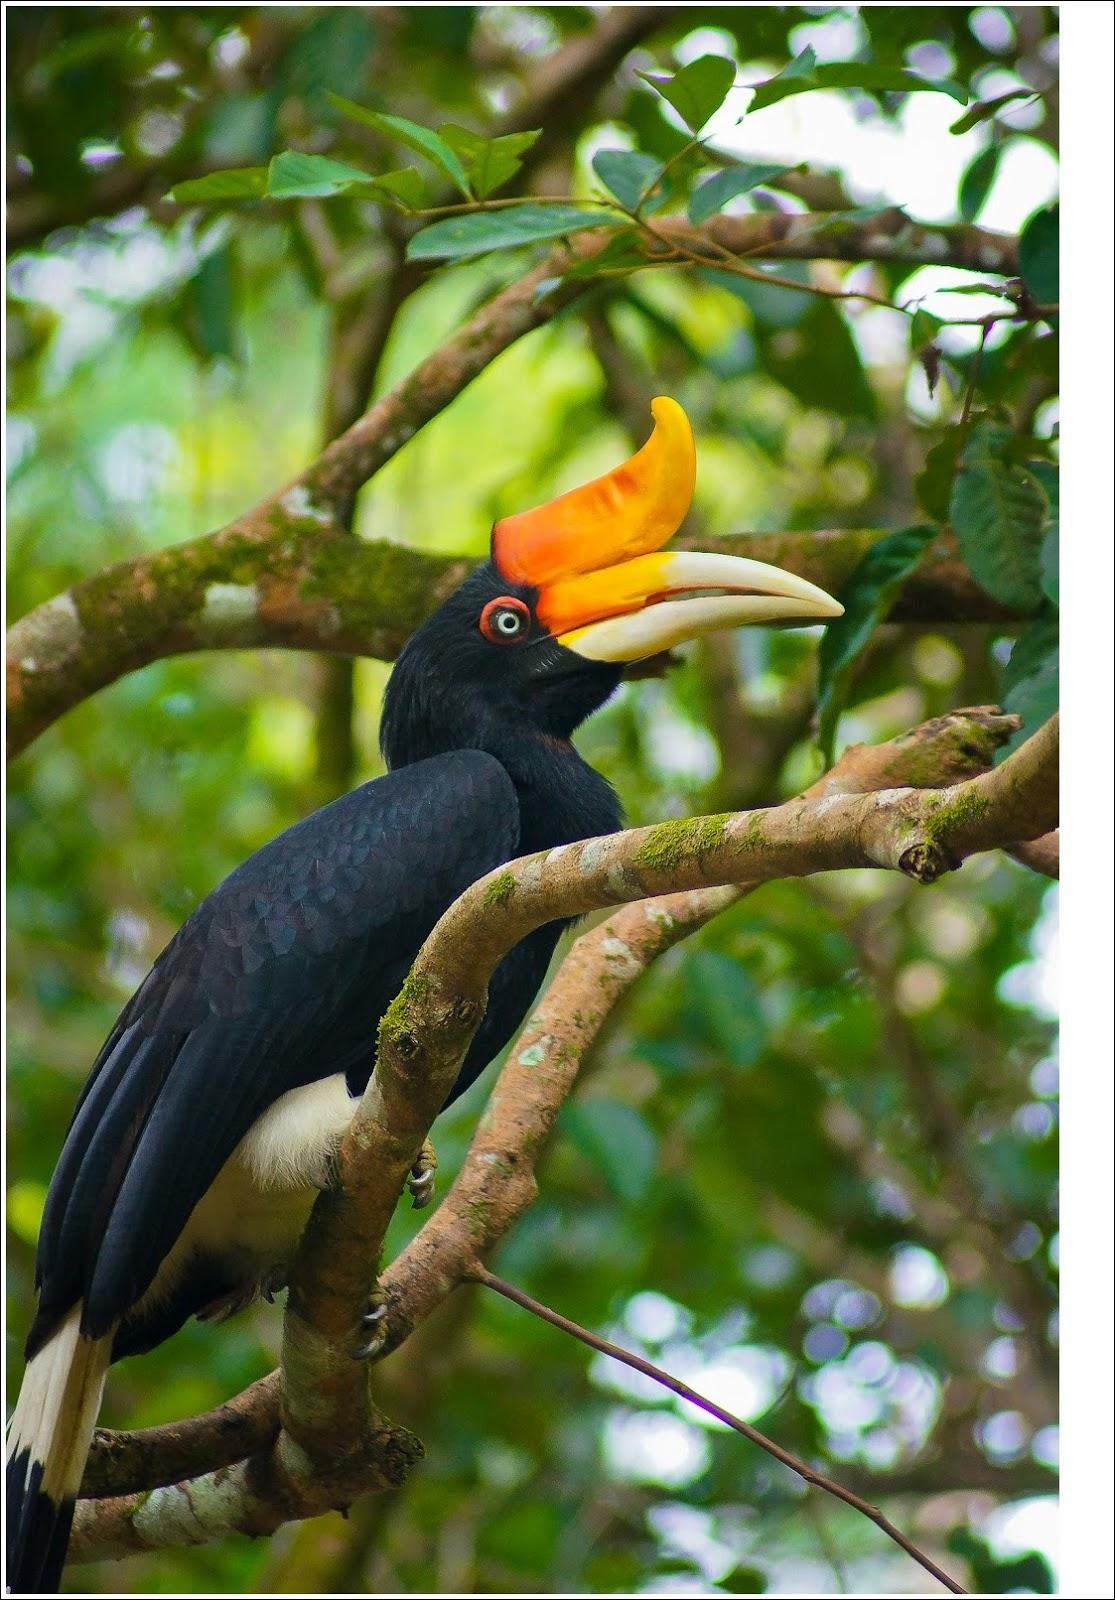 Dunia Binatang: Gambar Burung Enggang